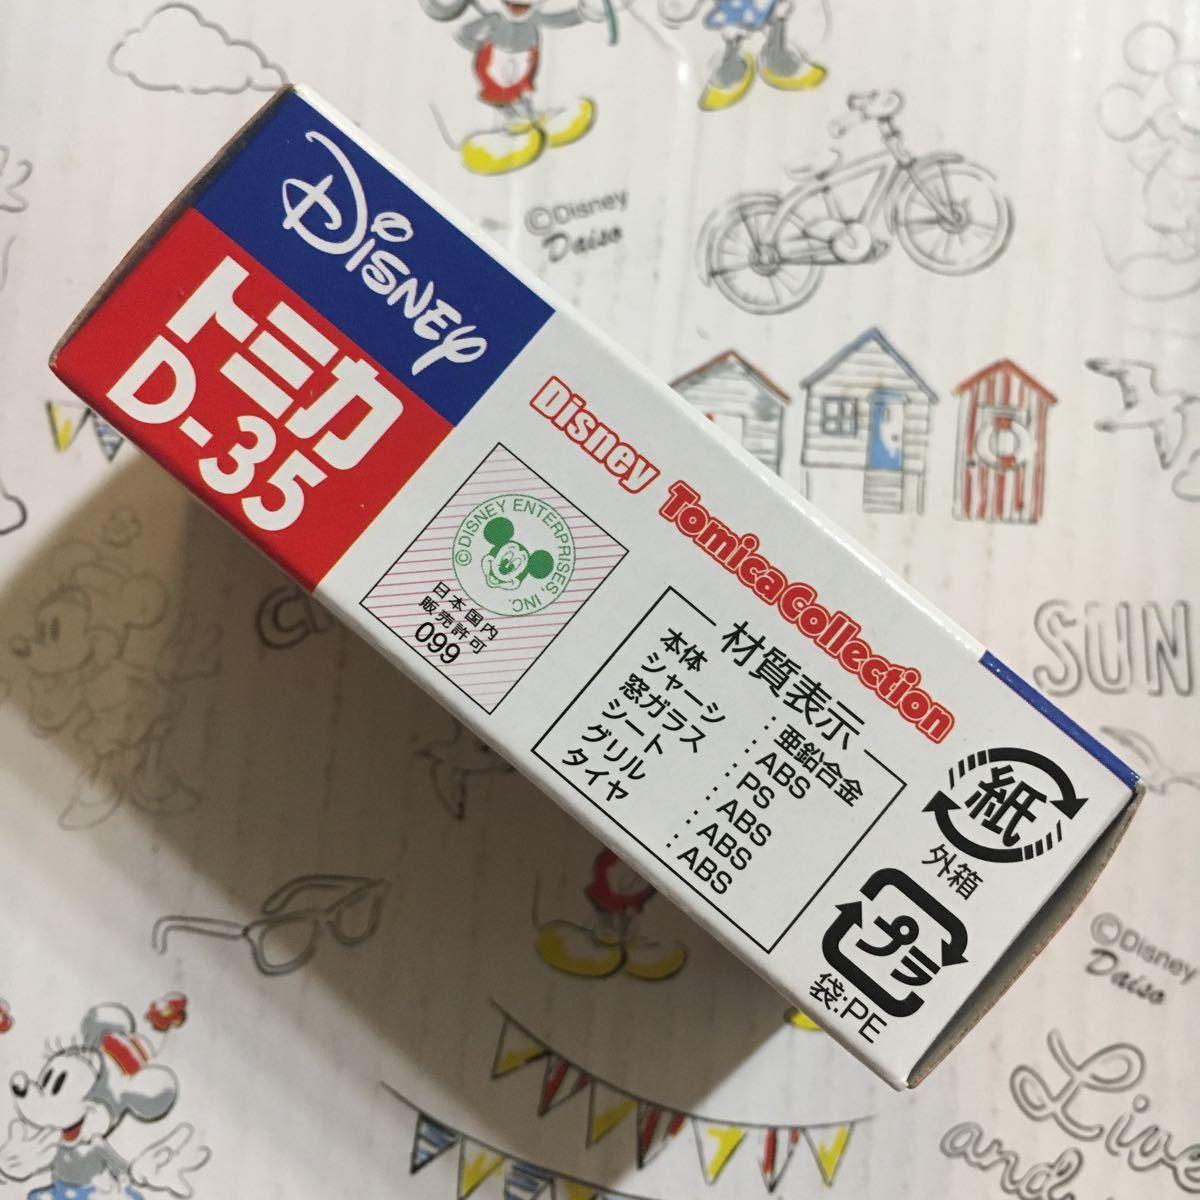 D-35 DAIHATSU ダイハツ ムーヴカスタム スティッチ Disney ディズニー トミカ コレクション Stitch LILO Move スクランプ ムーブ_画像2